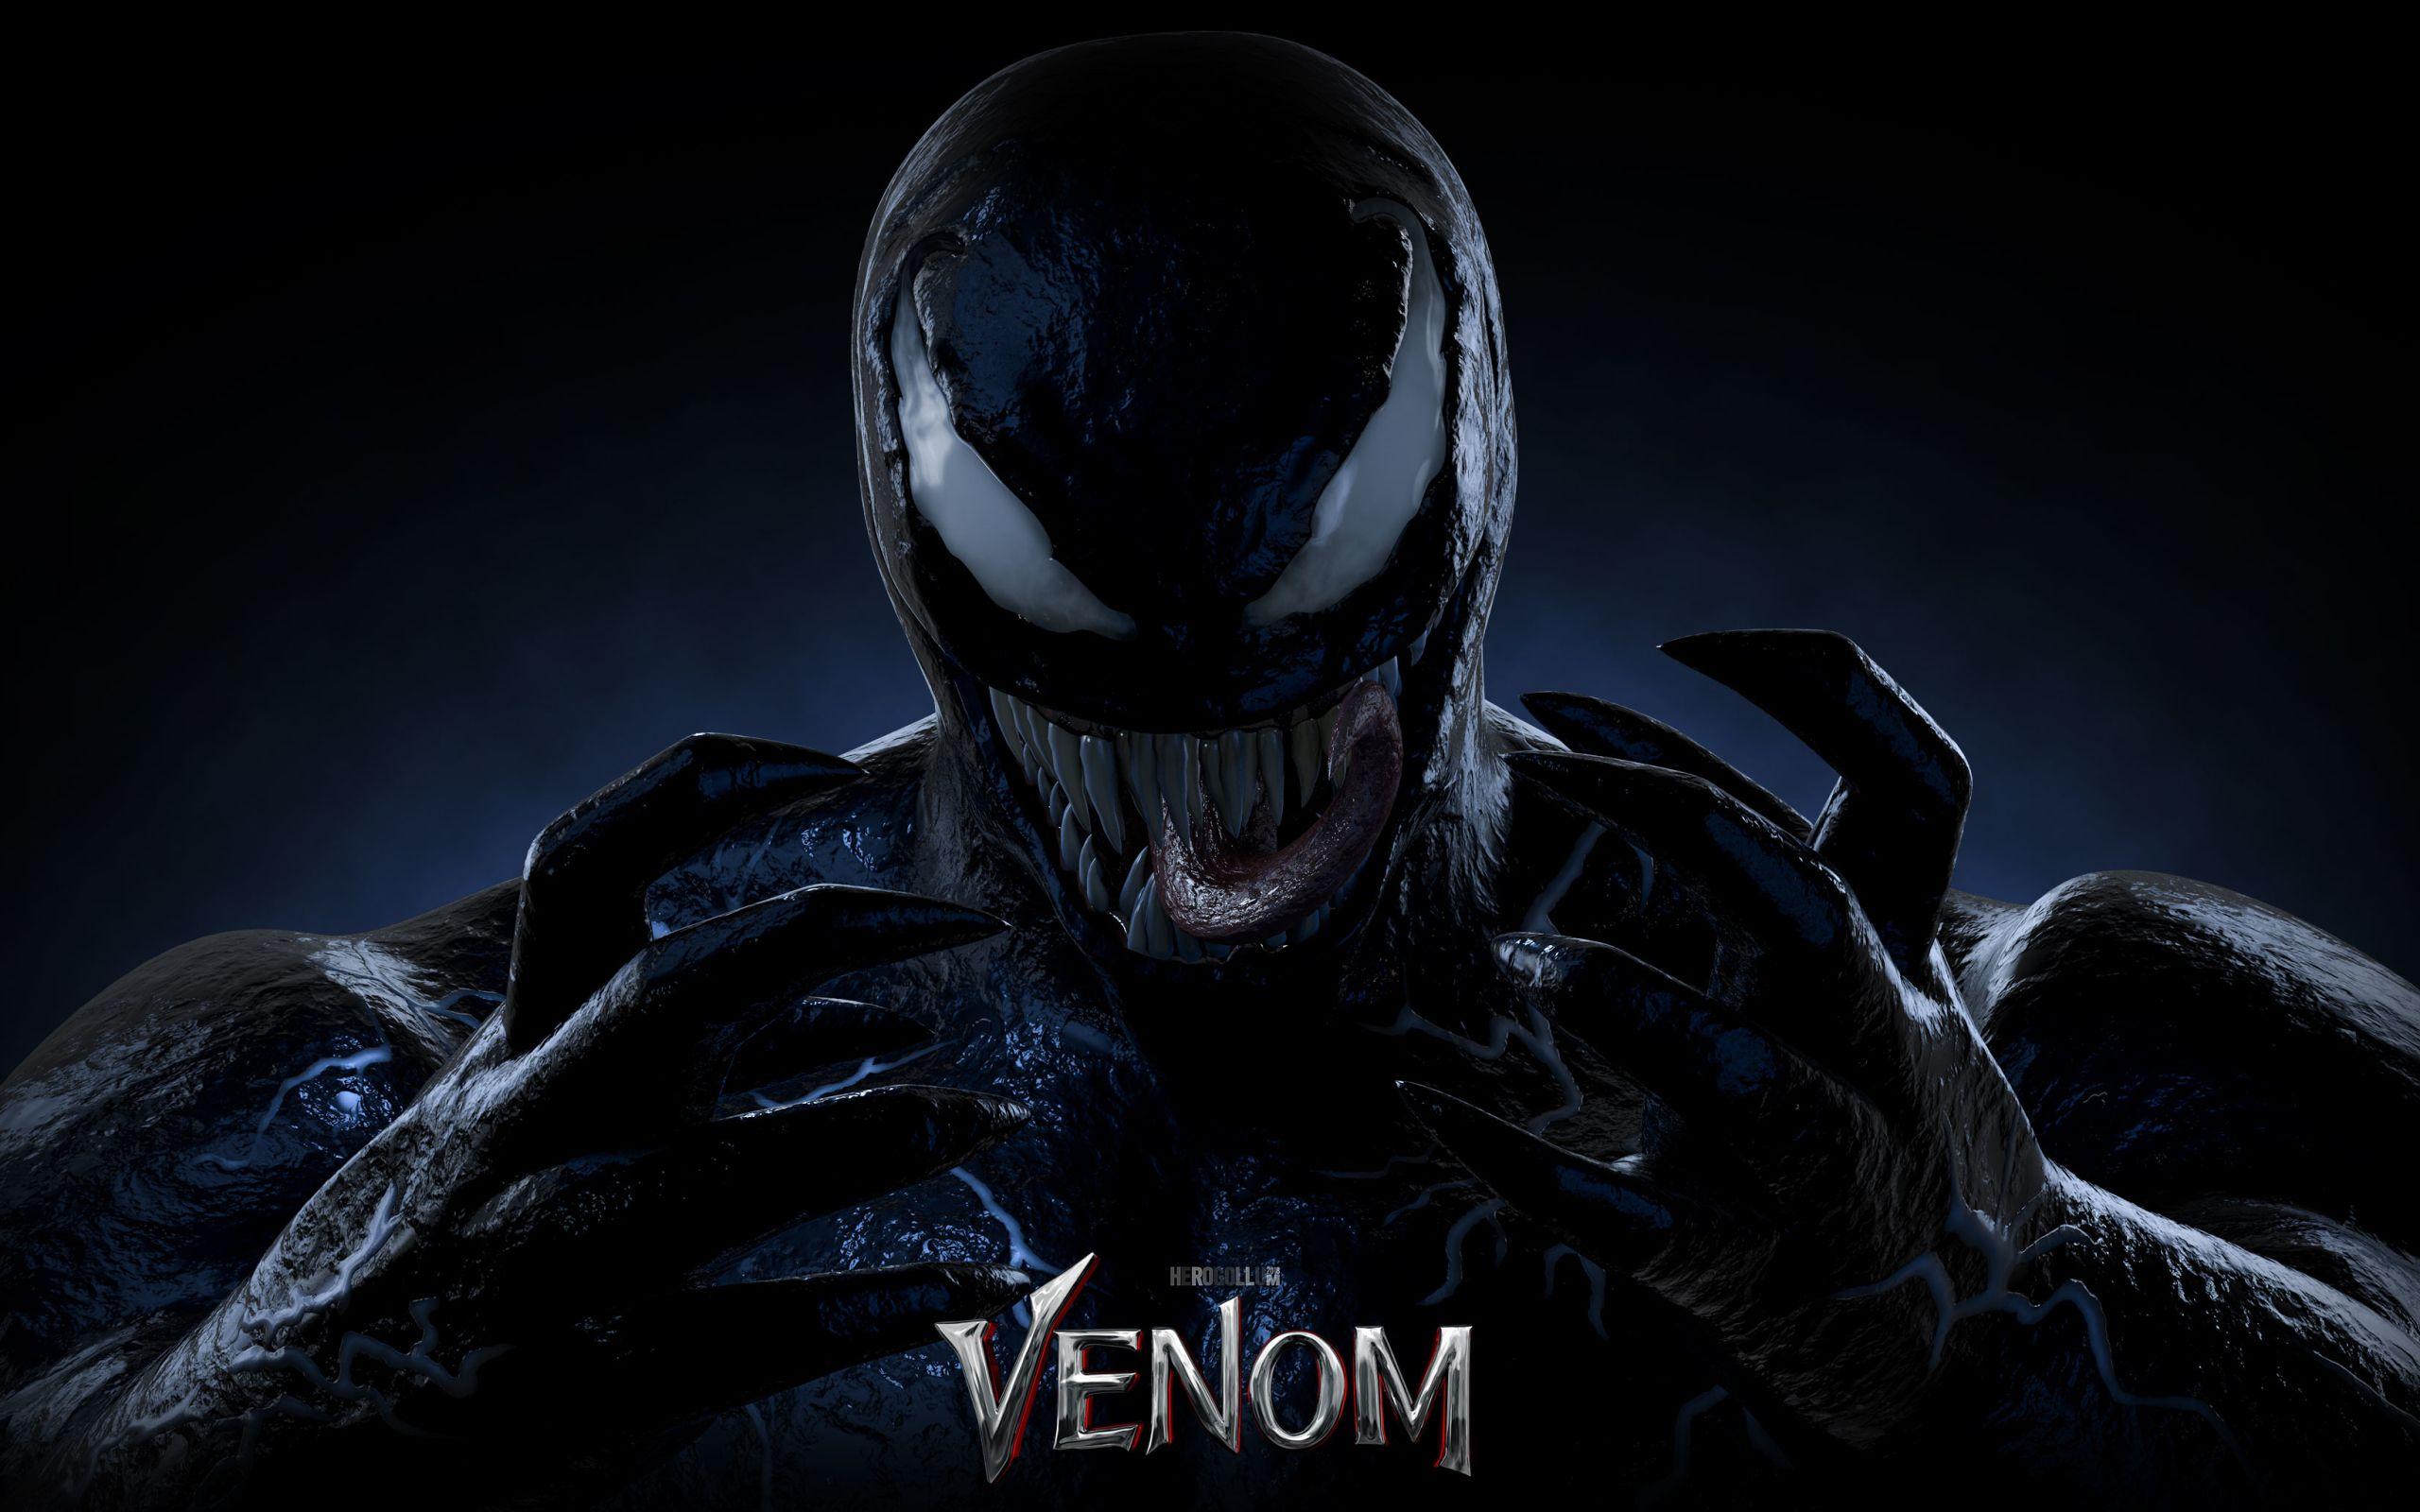 Fondos de pantalla Venom 3D